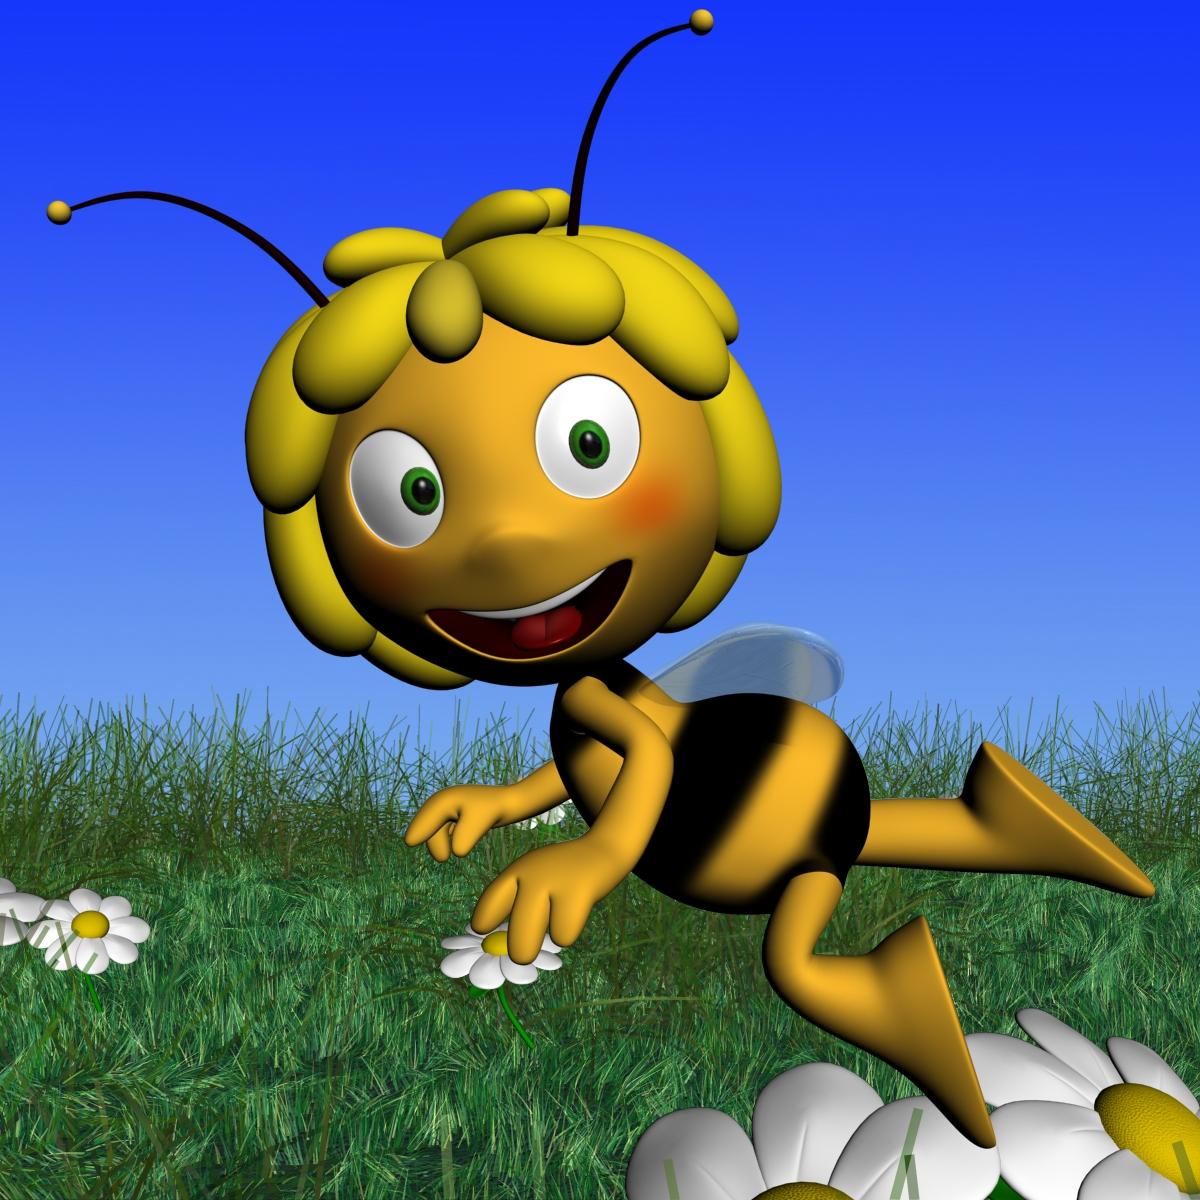 maya arı 3d modeli 3ds max fbx obj 170687 saxtadır